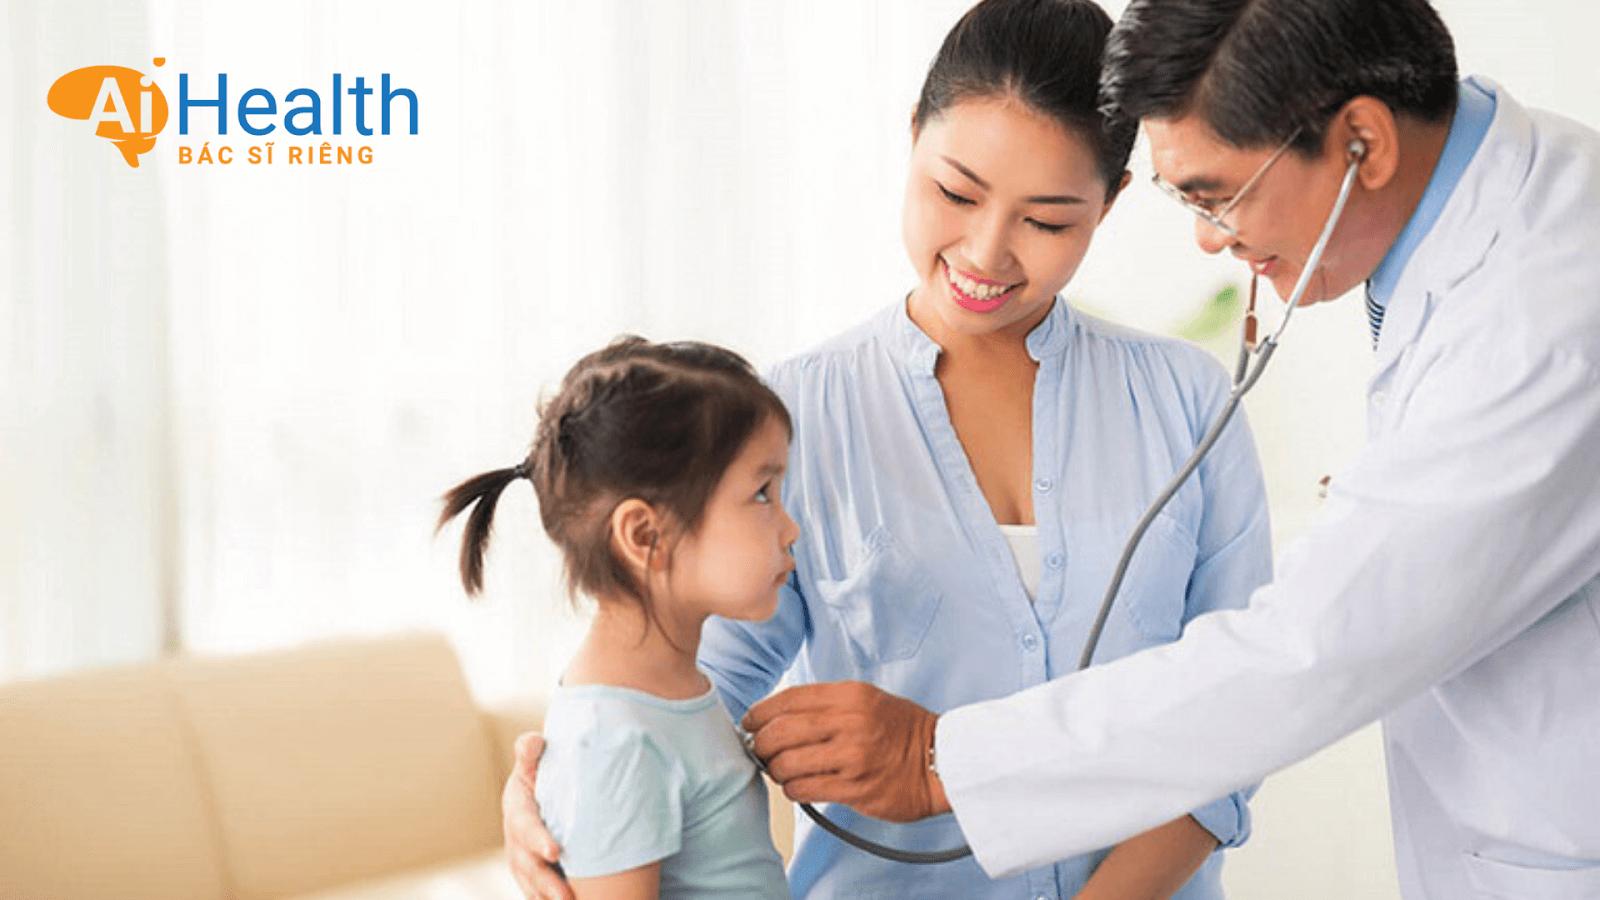 AiHealth giúp bệnh nhân kết nối với nhiều bác sĩ giỏi trên cả nước